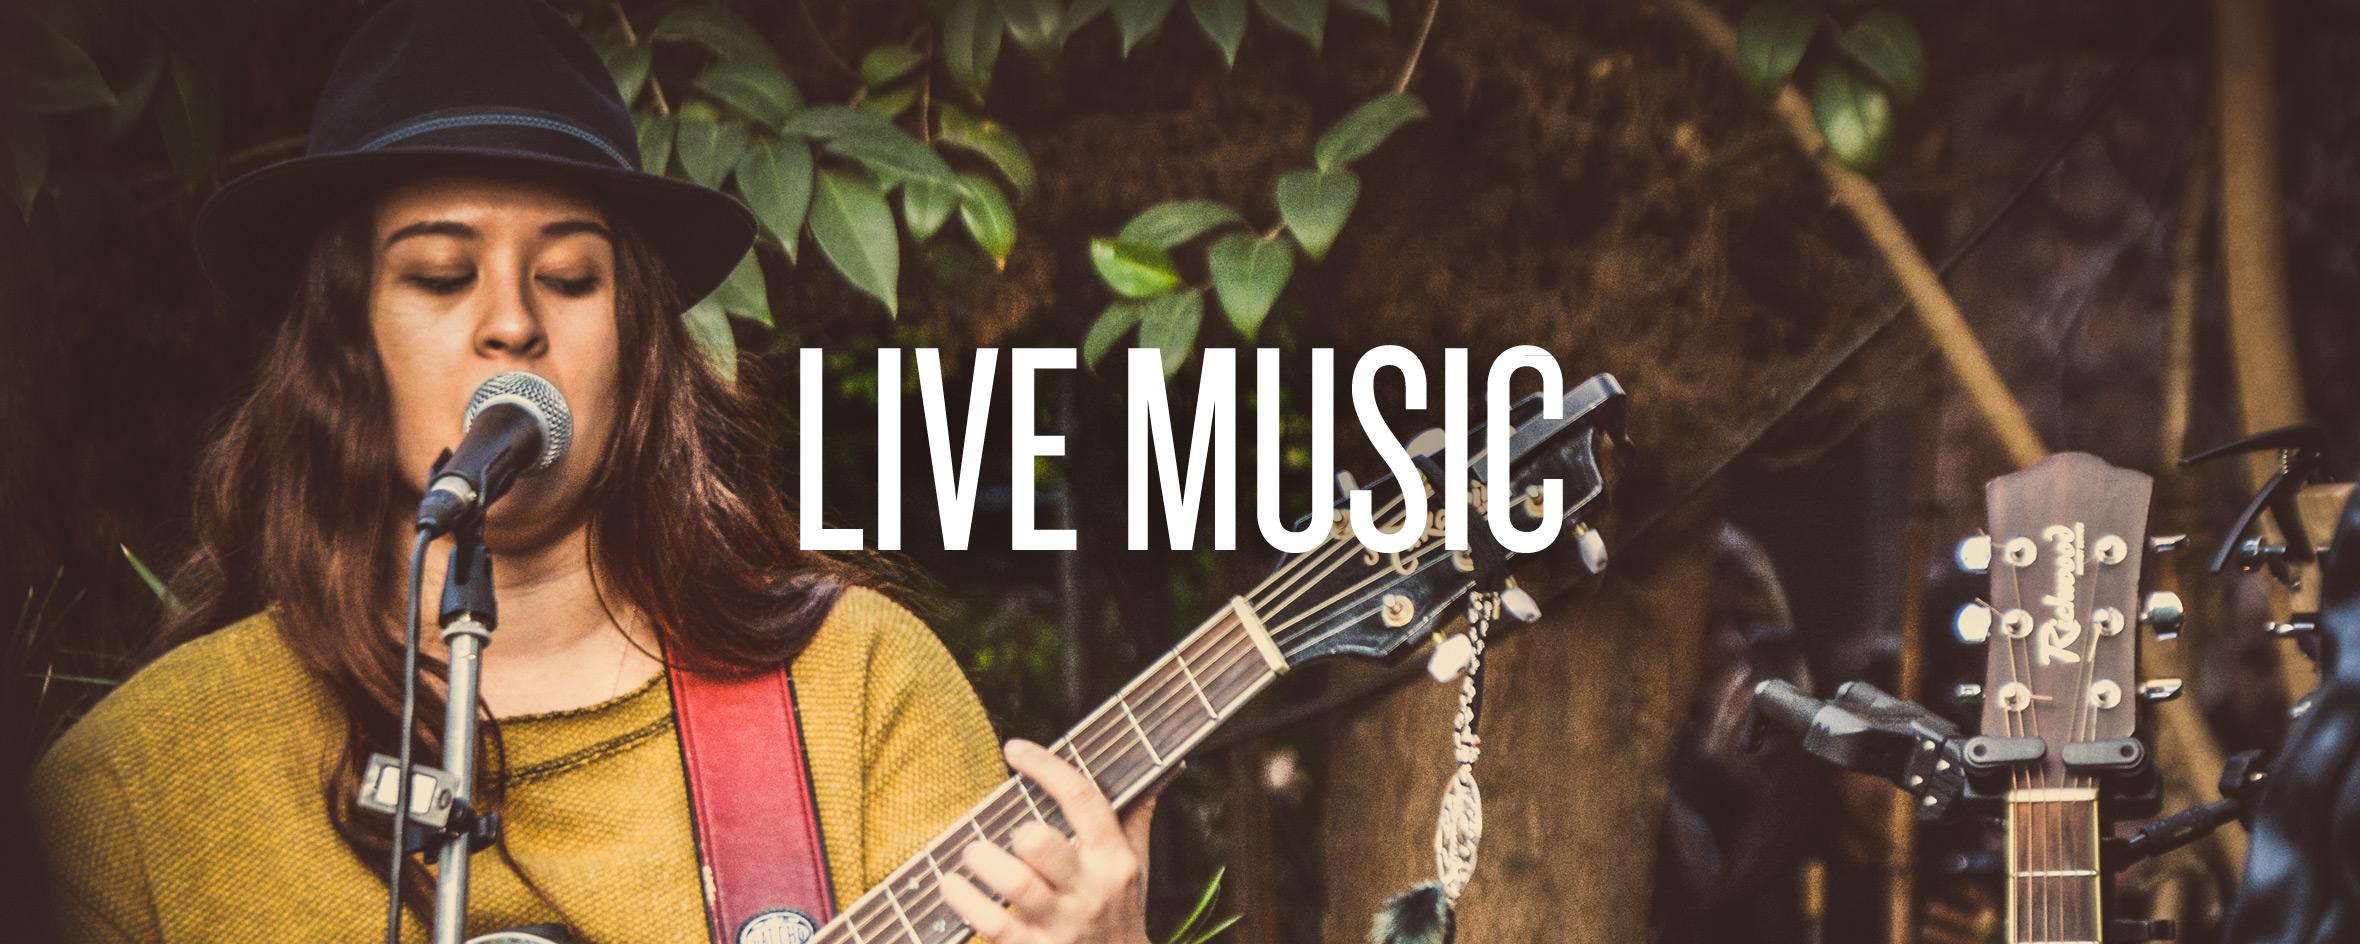 live music palo alto